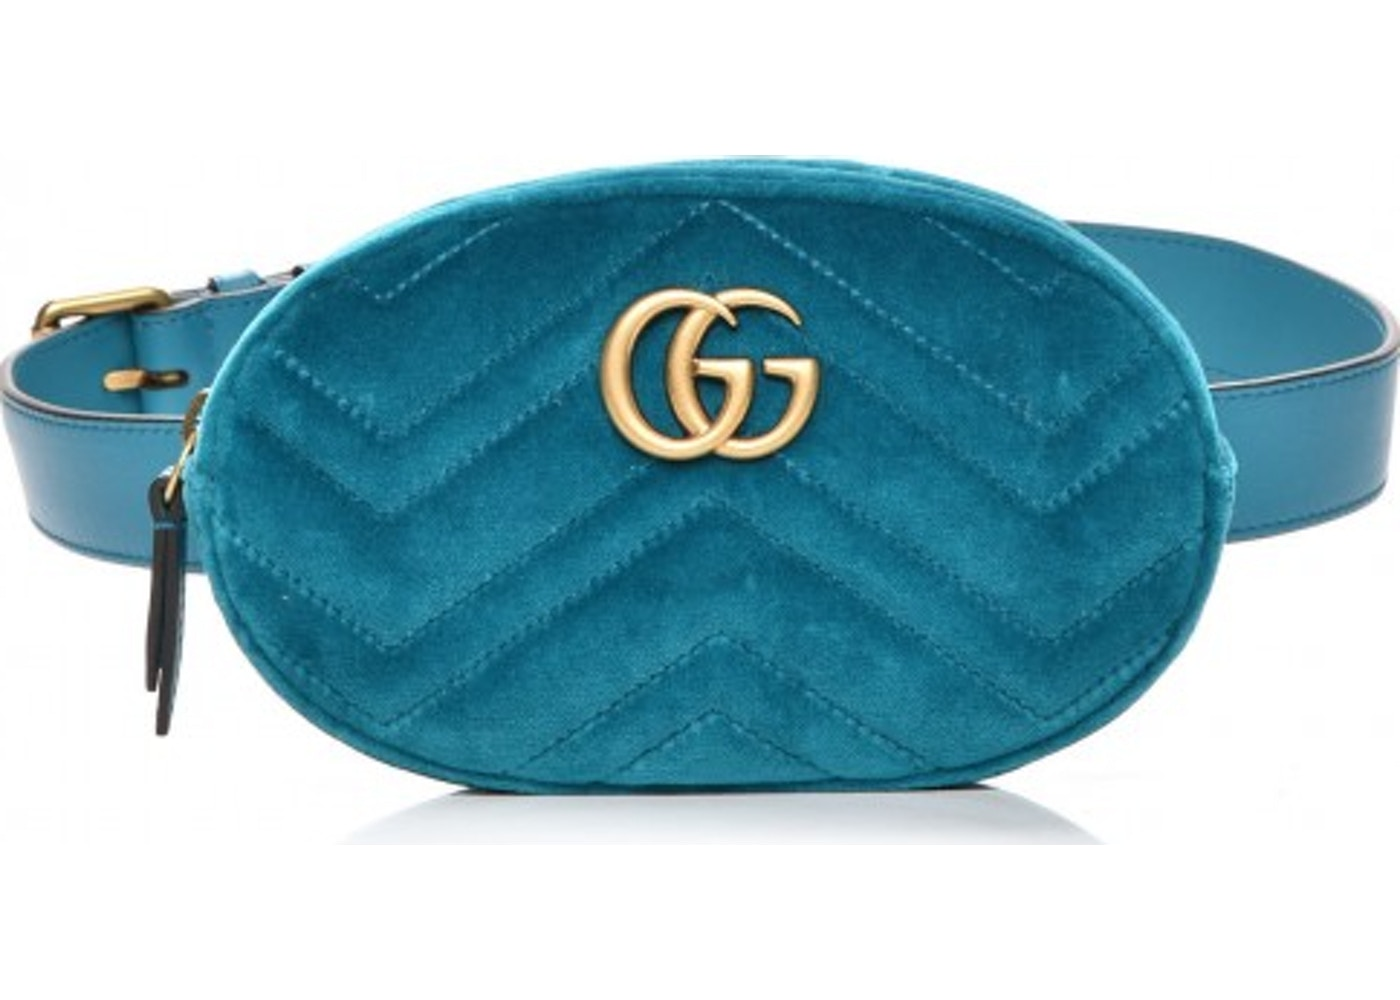 8f830ba0460 Gucci Marmont Belt Bag Matelasse Blue. Matelasse Blue